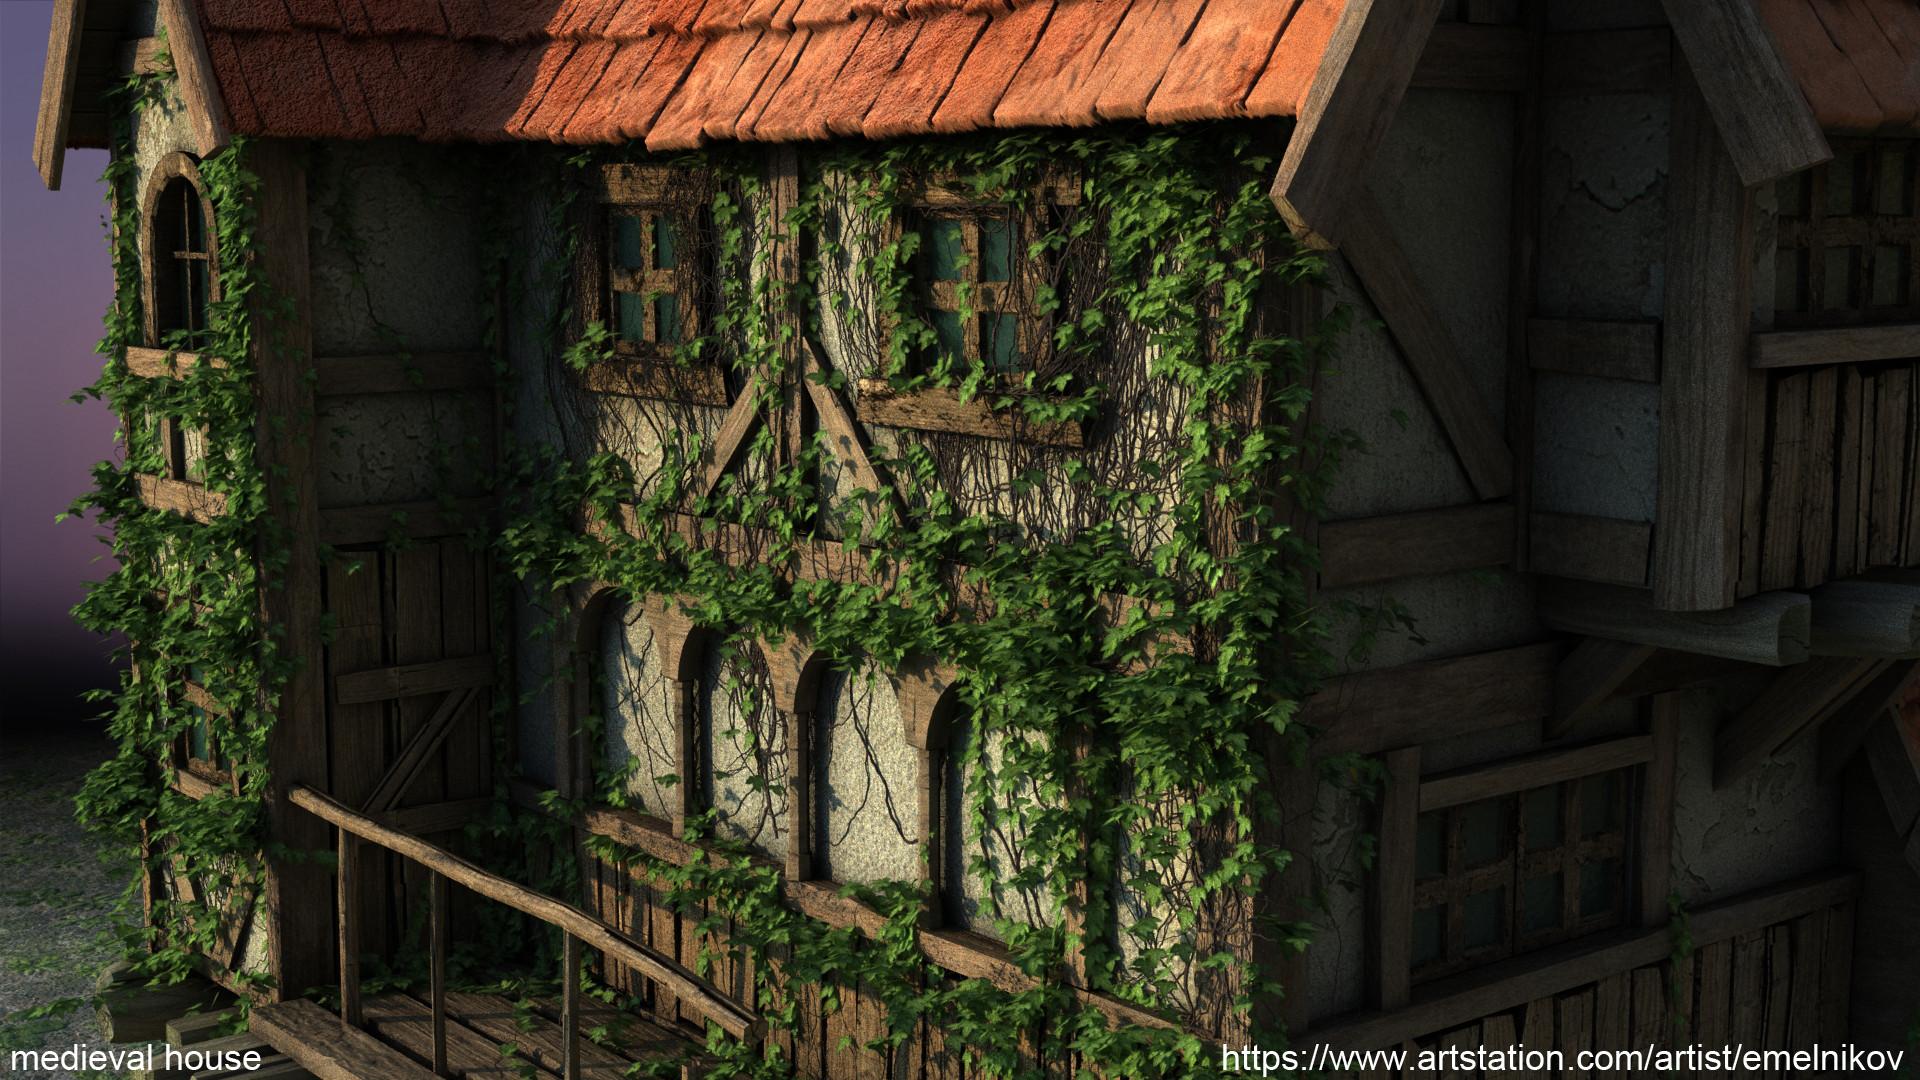 Eugene melnikov medieval house1 render frm1